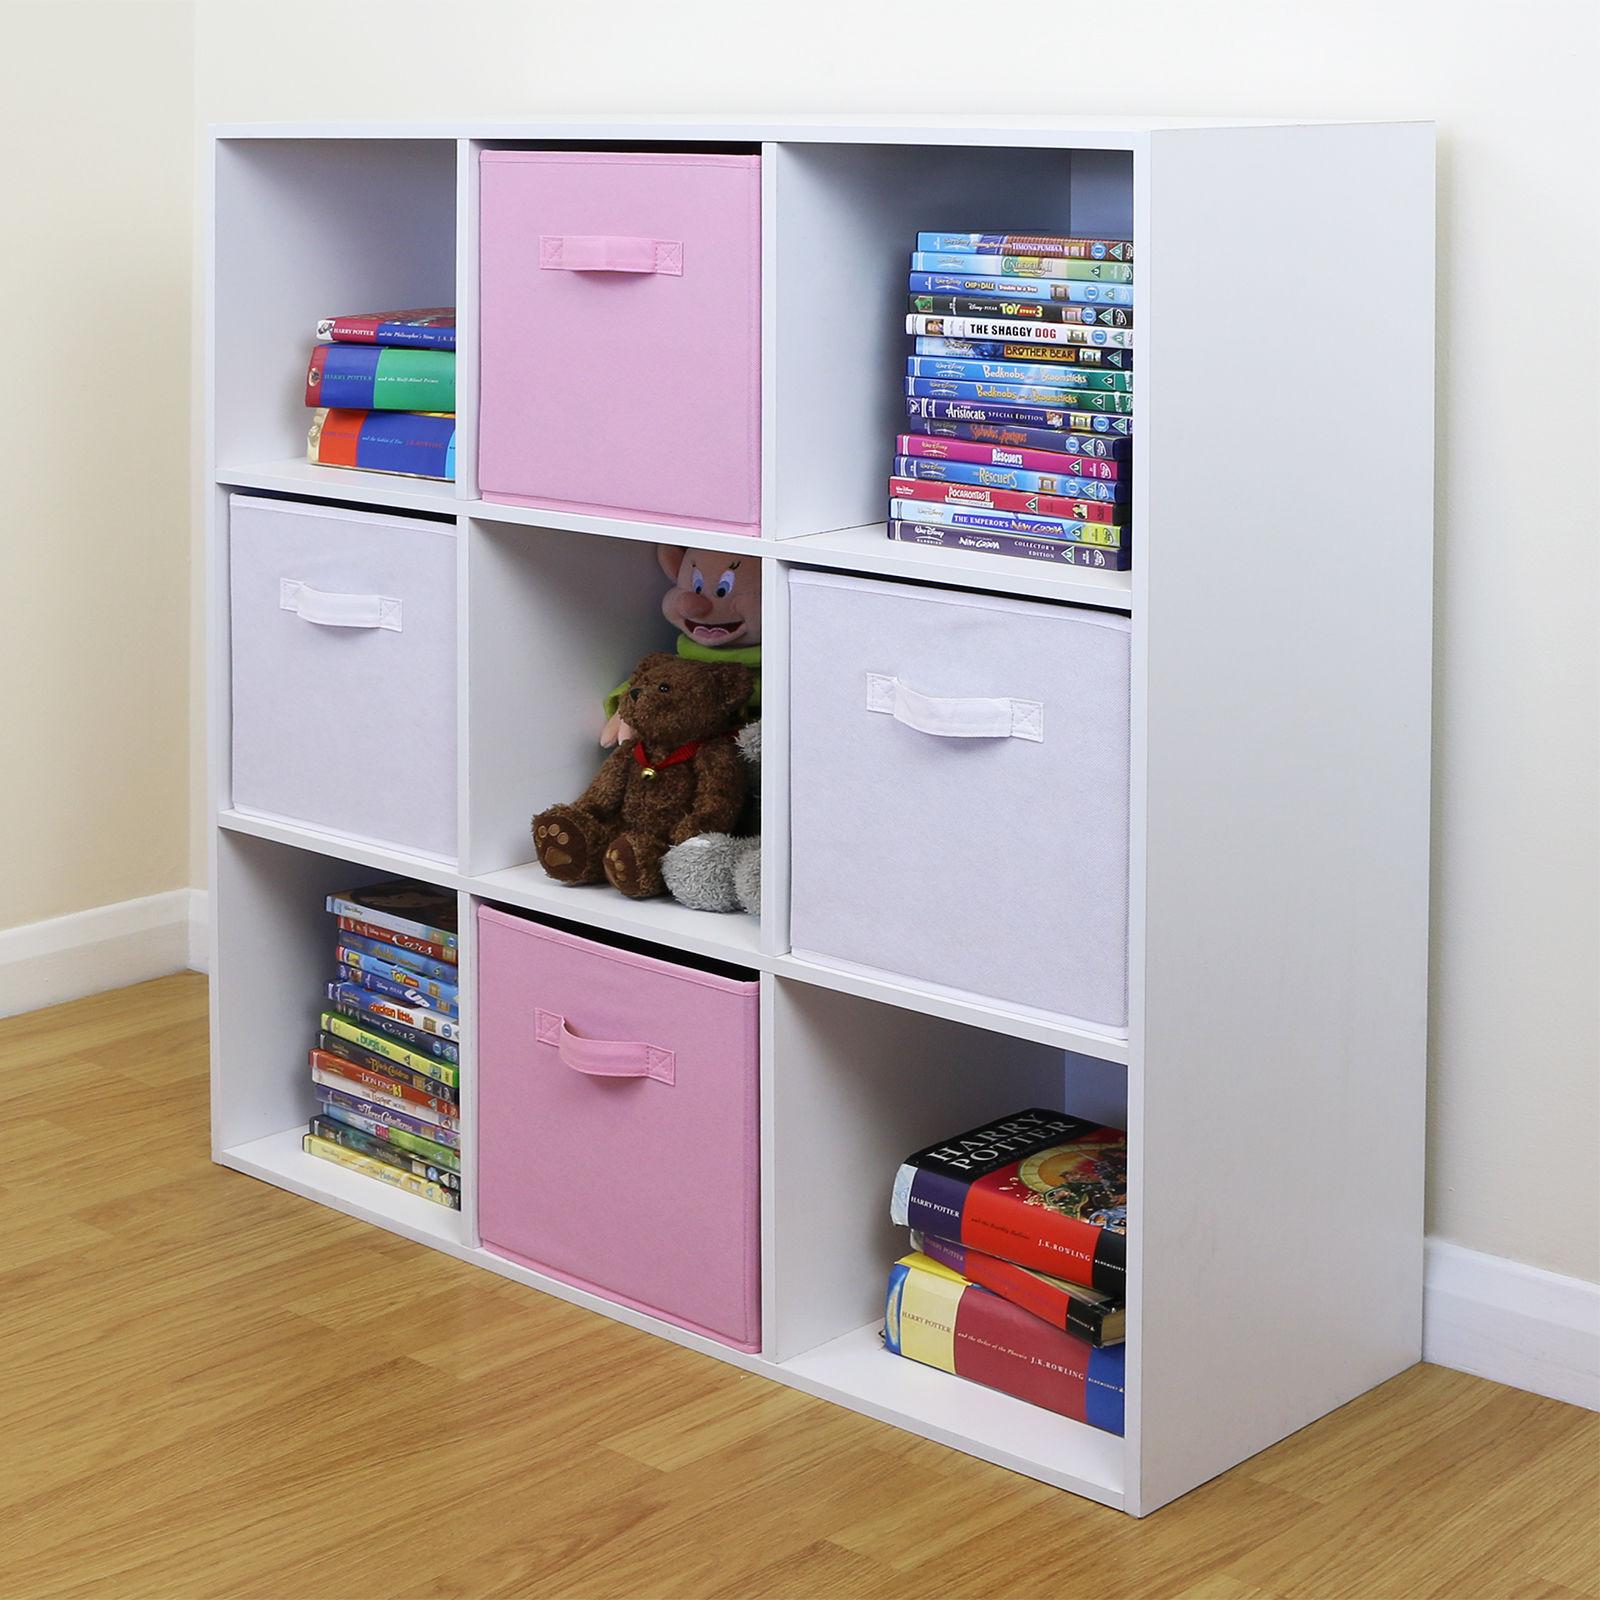 כוורת מעץ לאחסון צעצועים וספרים בחדר הילדים   - תמונה 2